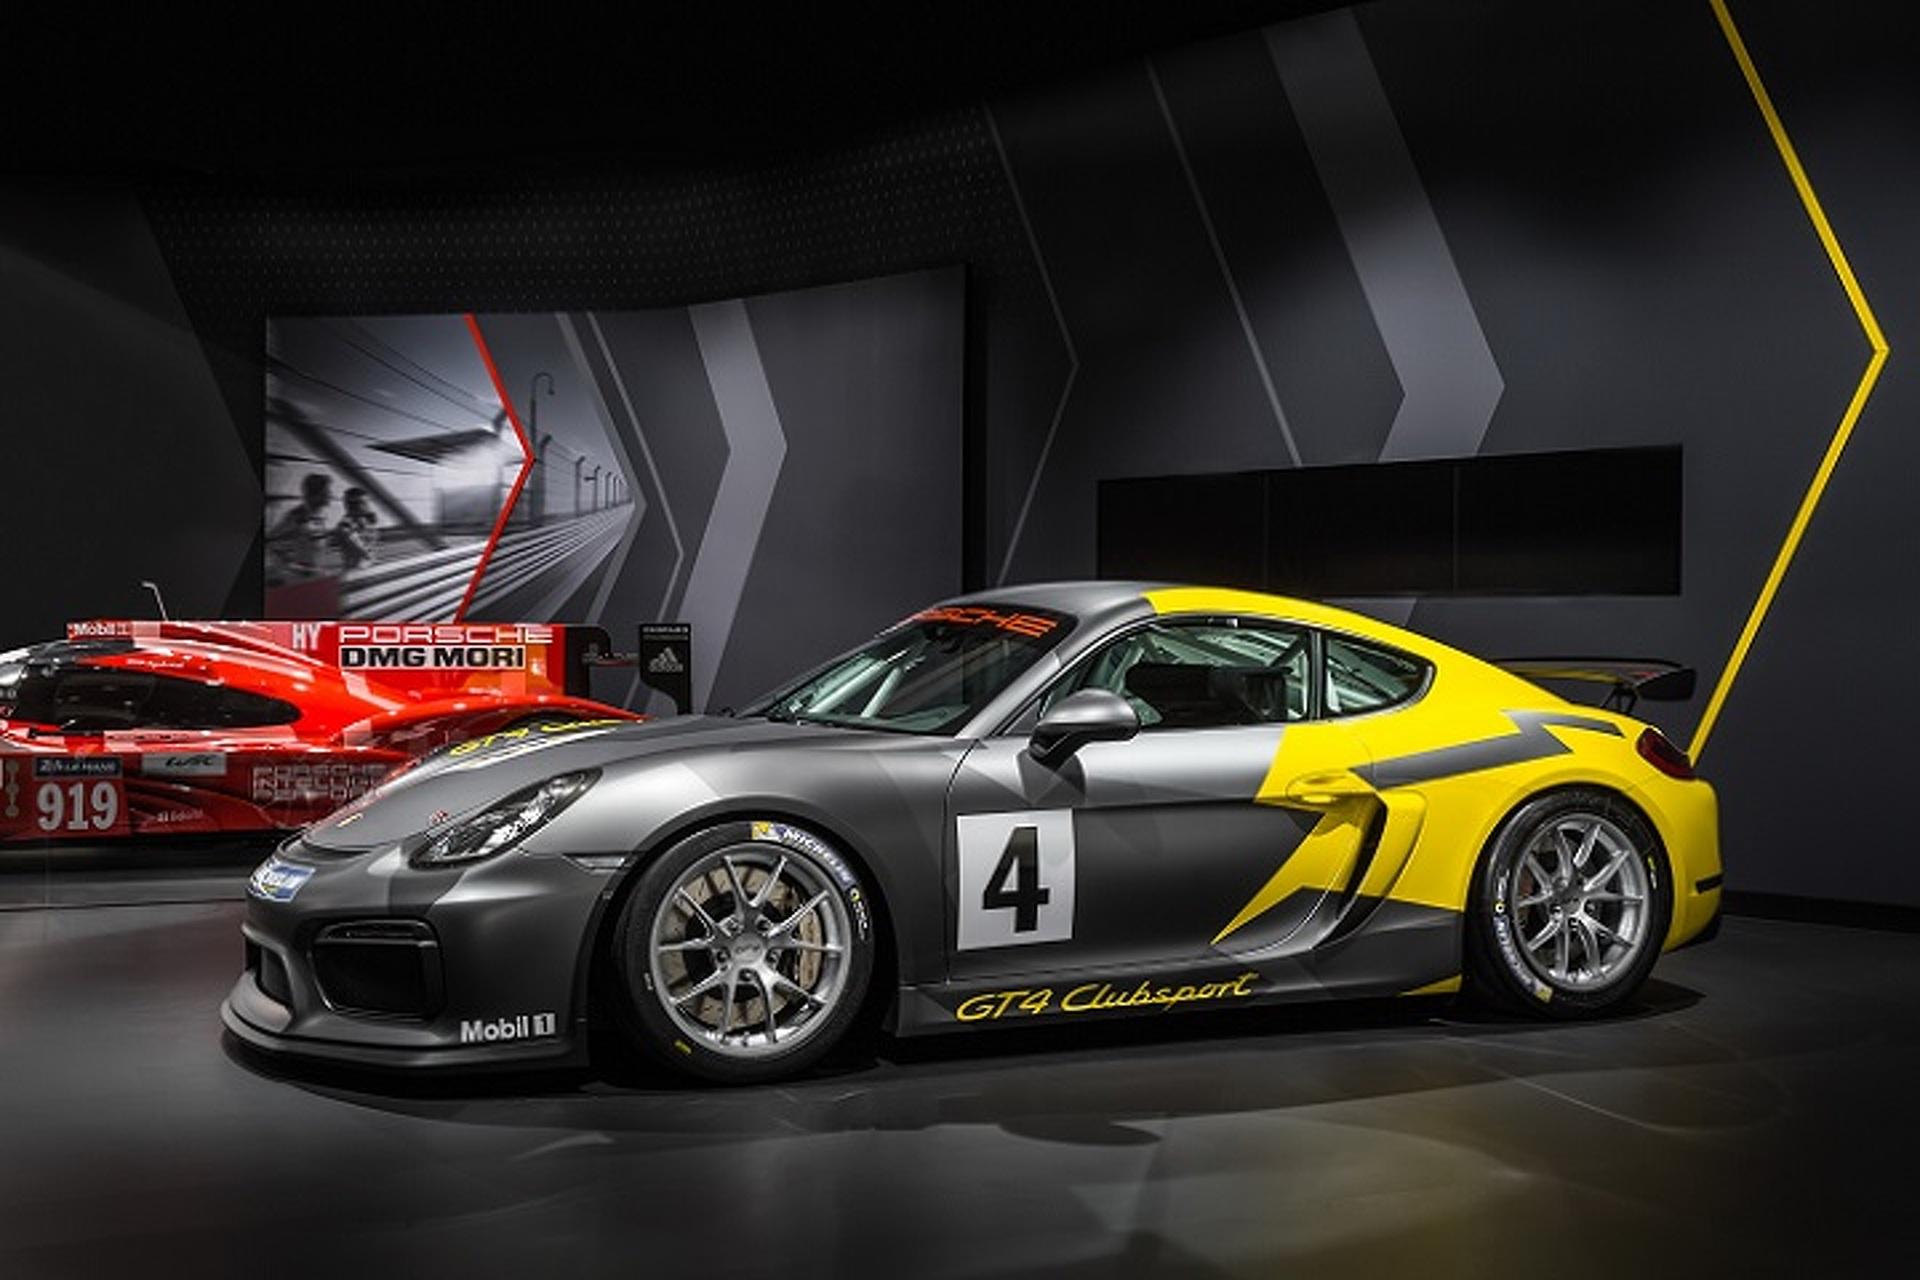 Однако попасть в список участников смогут только владельцы спорткаров Cayman GT4 Clubsport и только по специальному приглашению компании